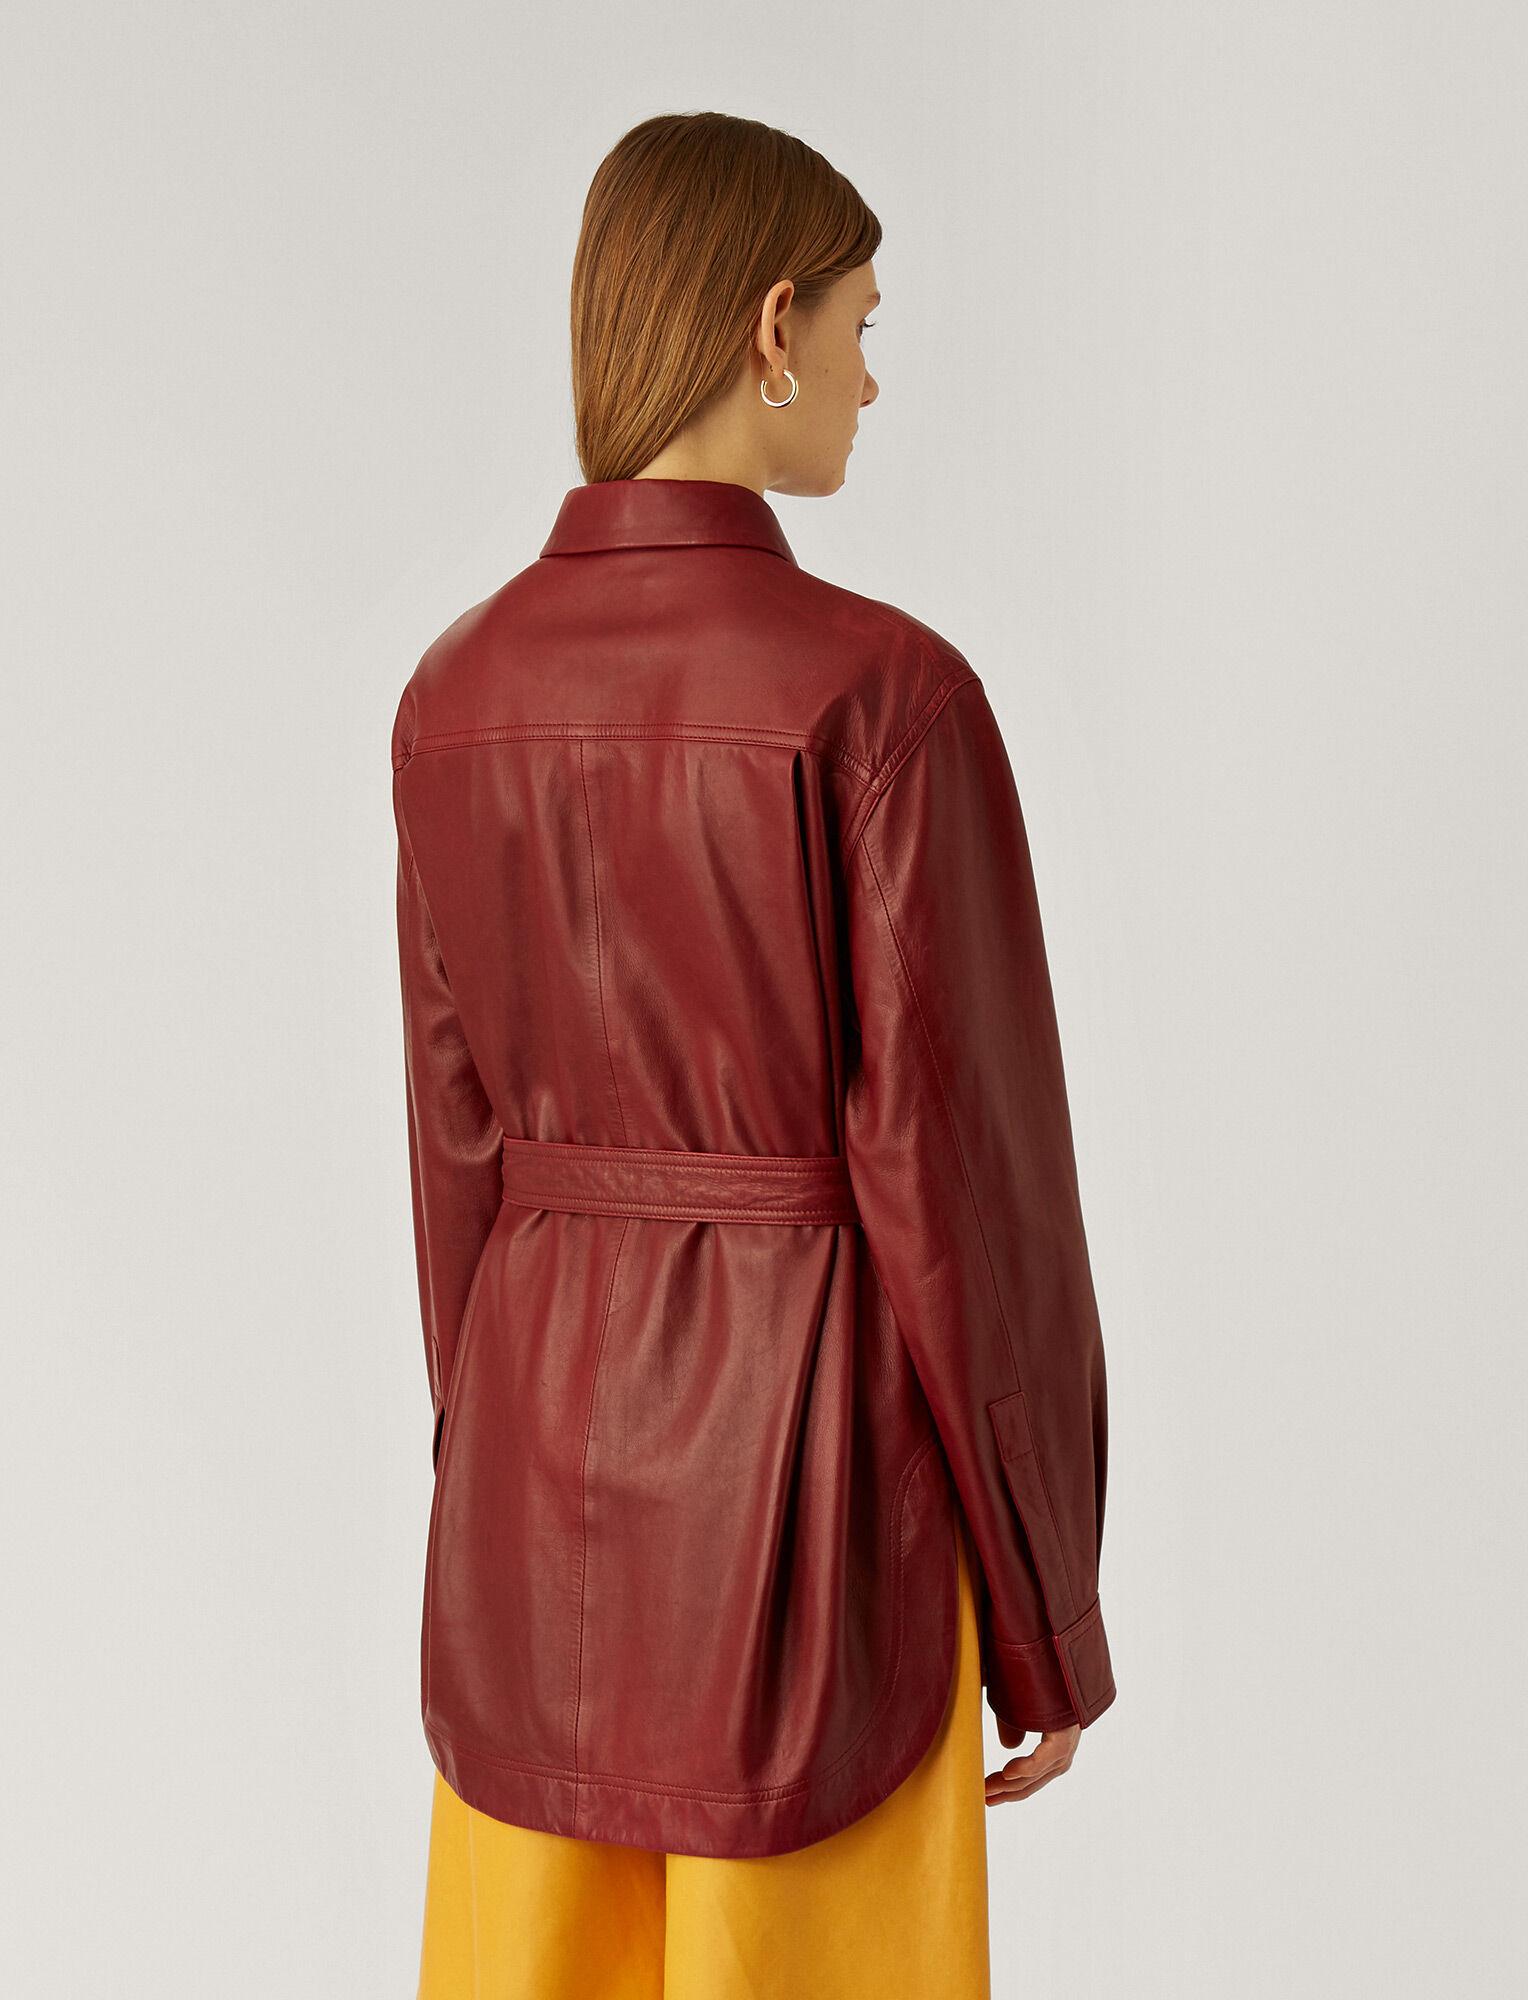 Joseph, Jent Leather Jacket, in AMARONE